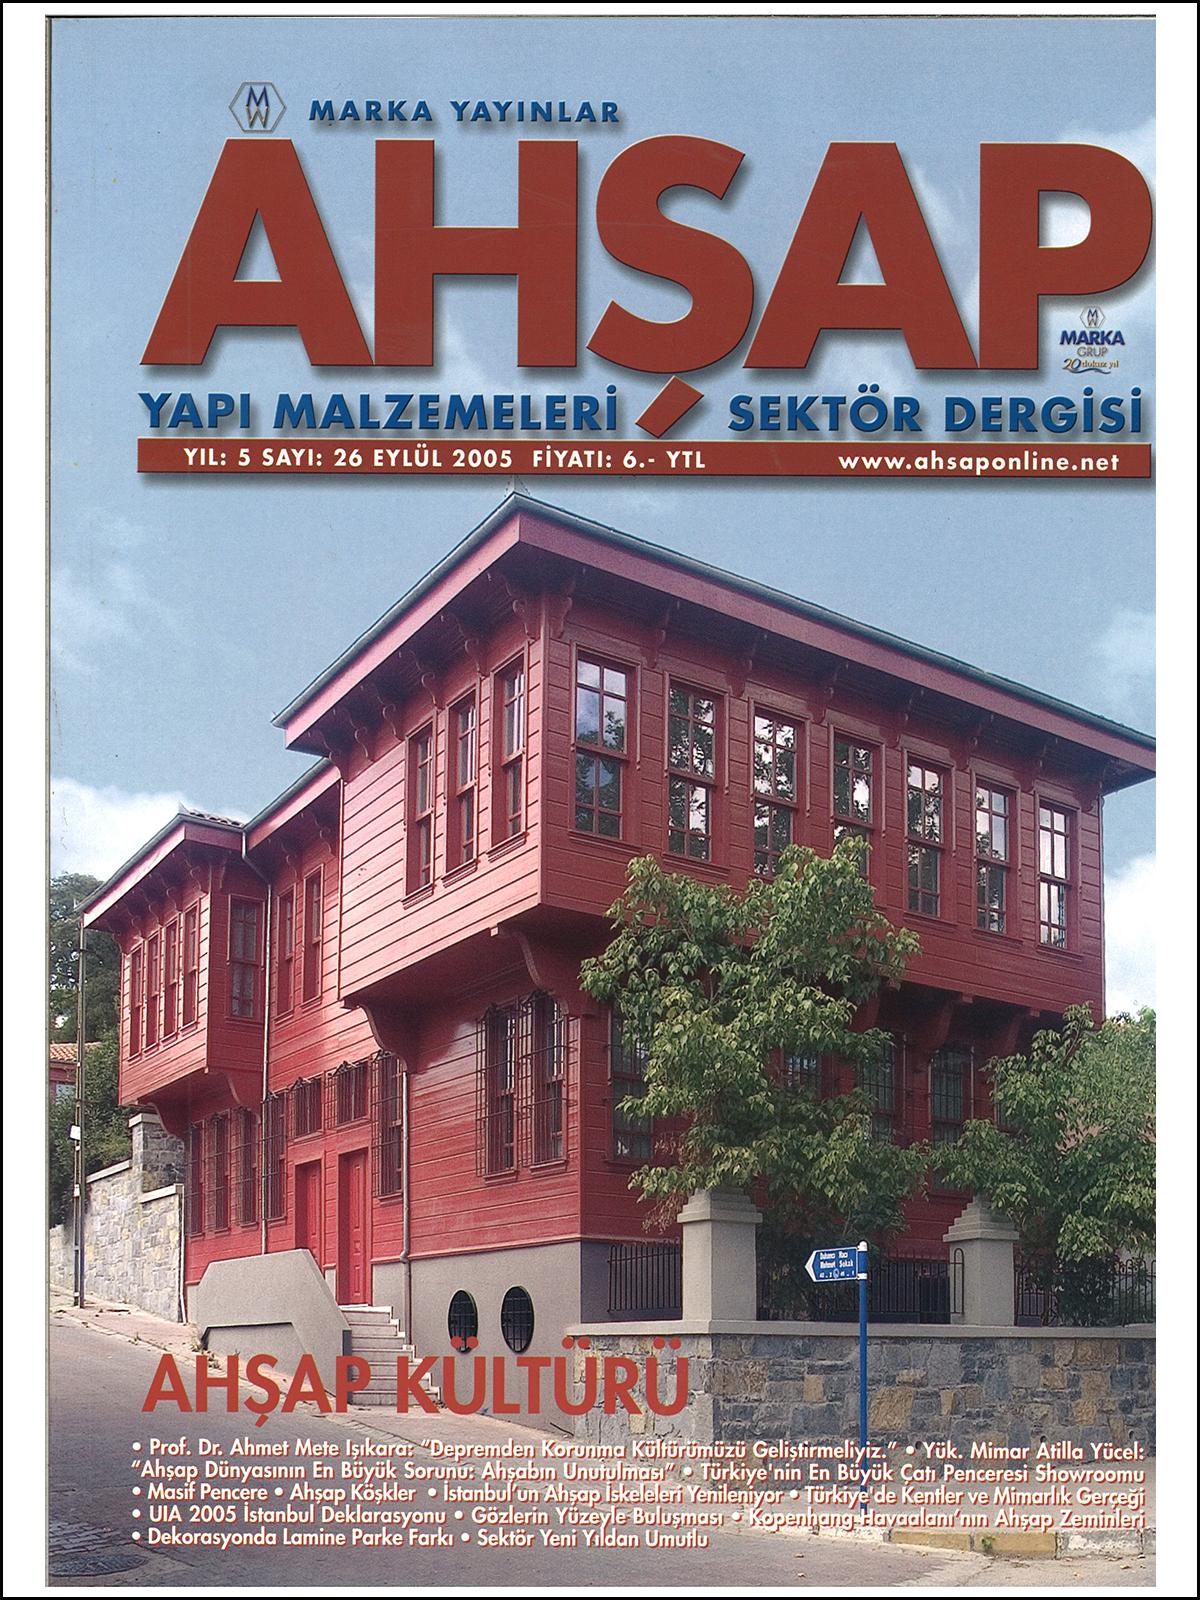 Ahsap